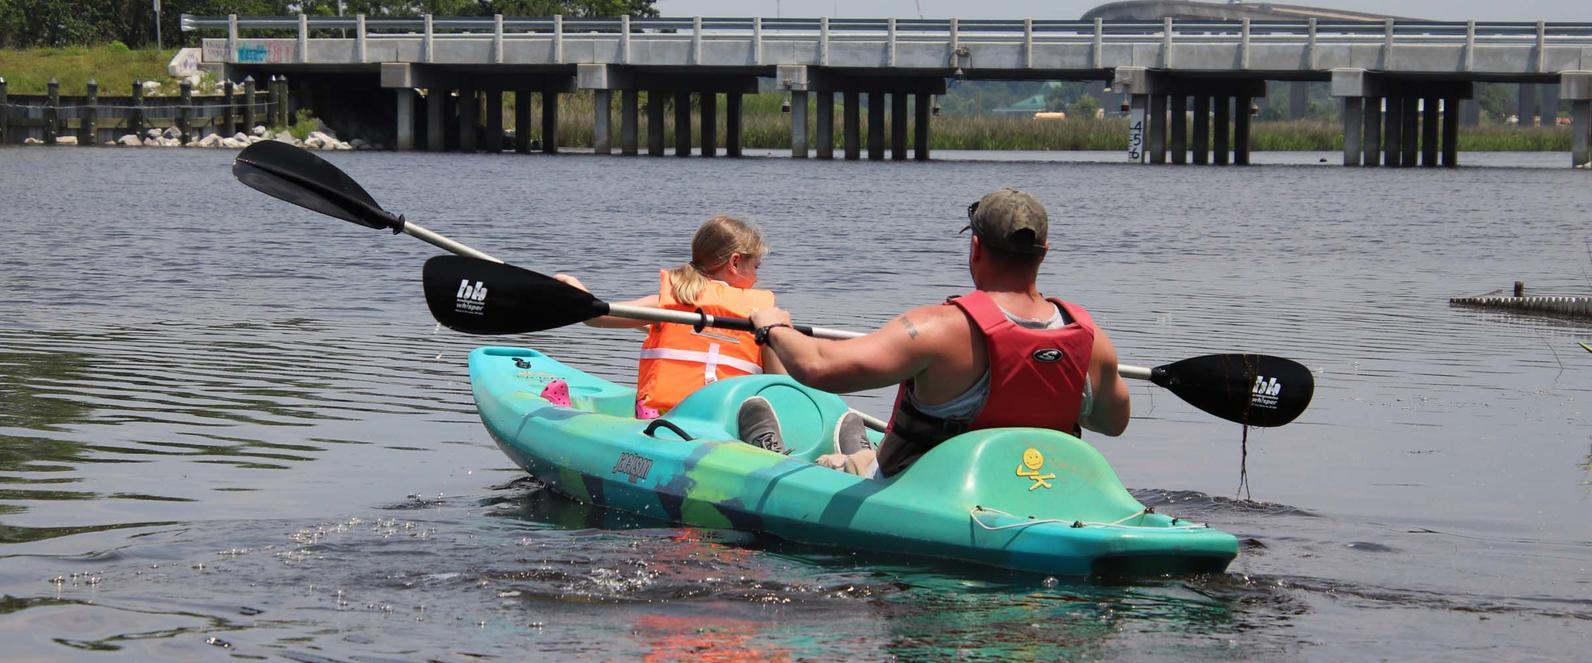 father and daughter kayak the bayou